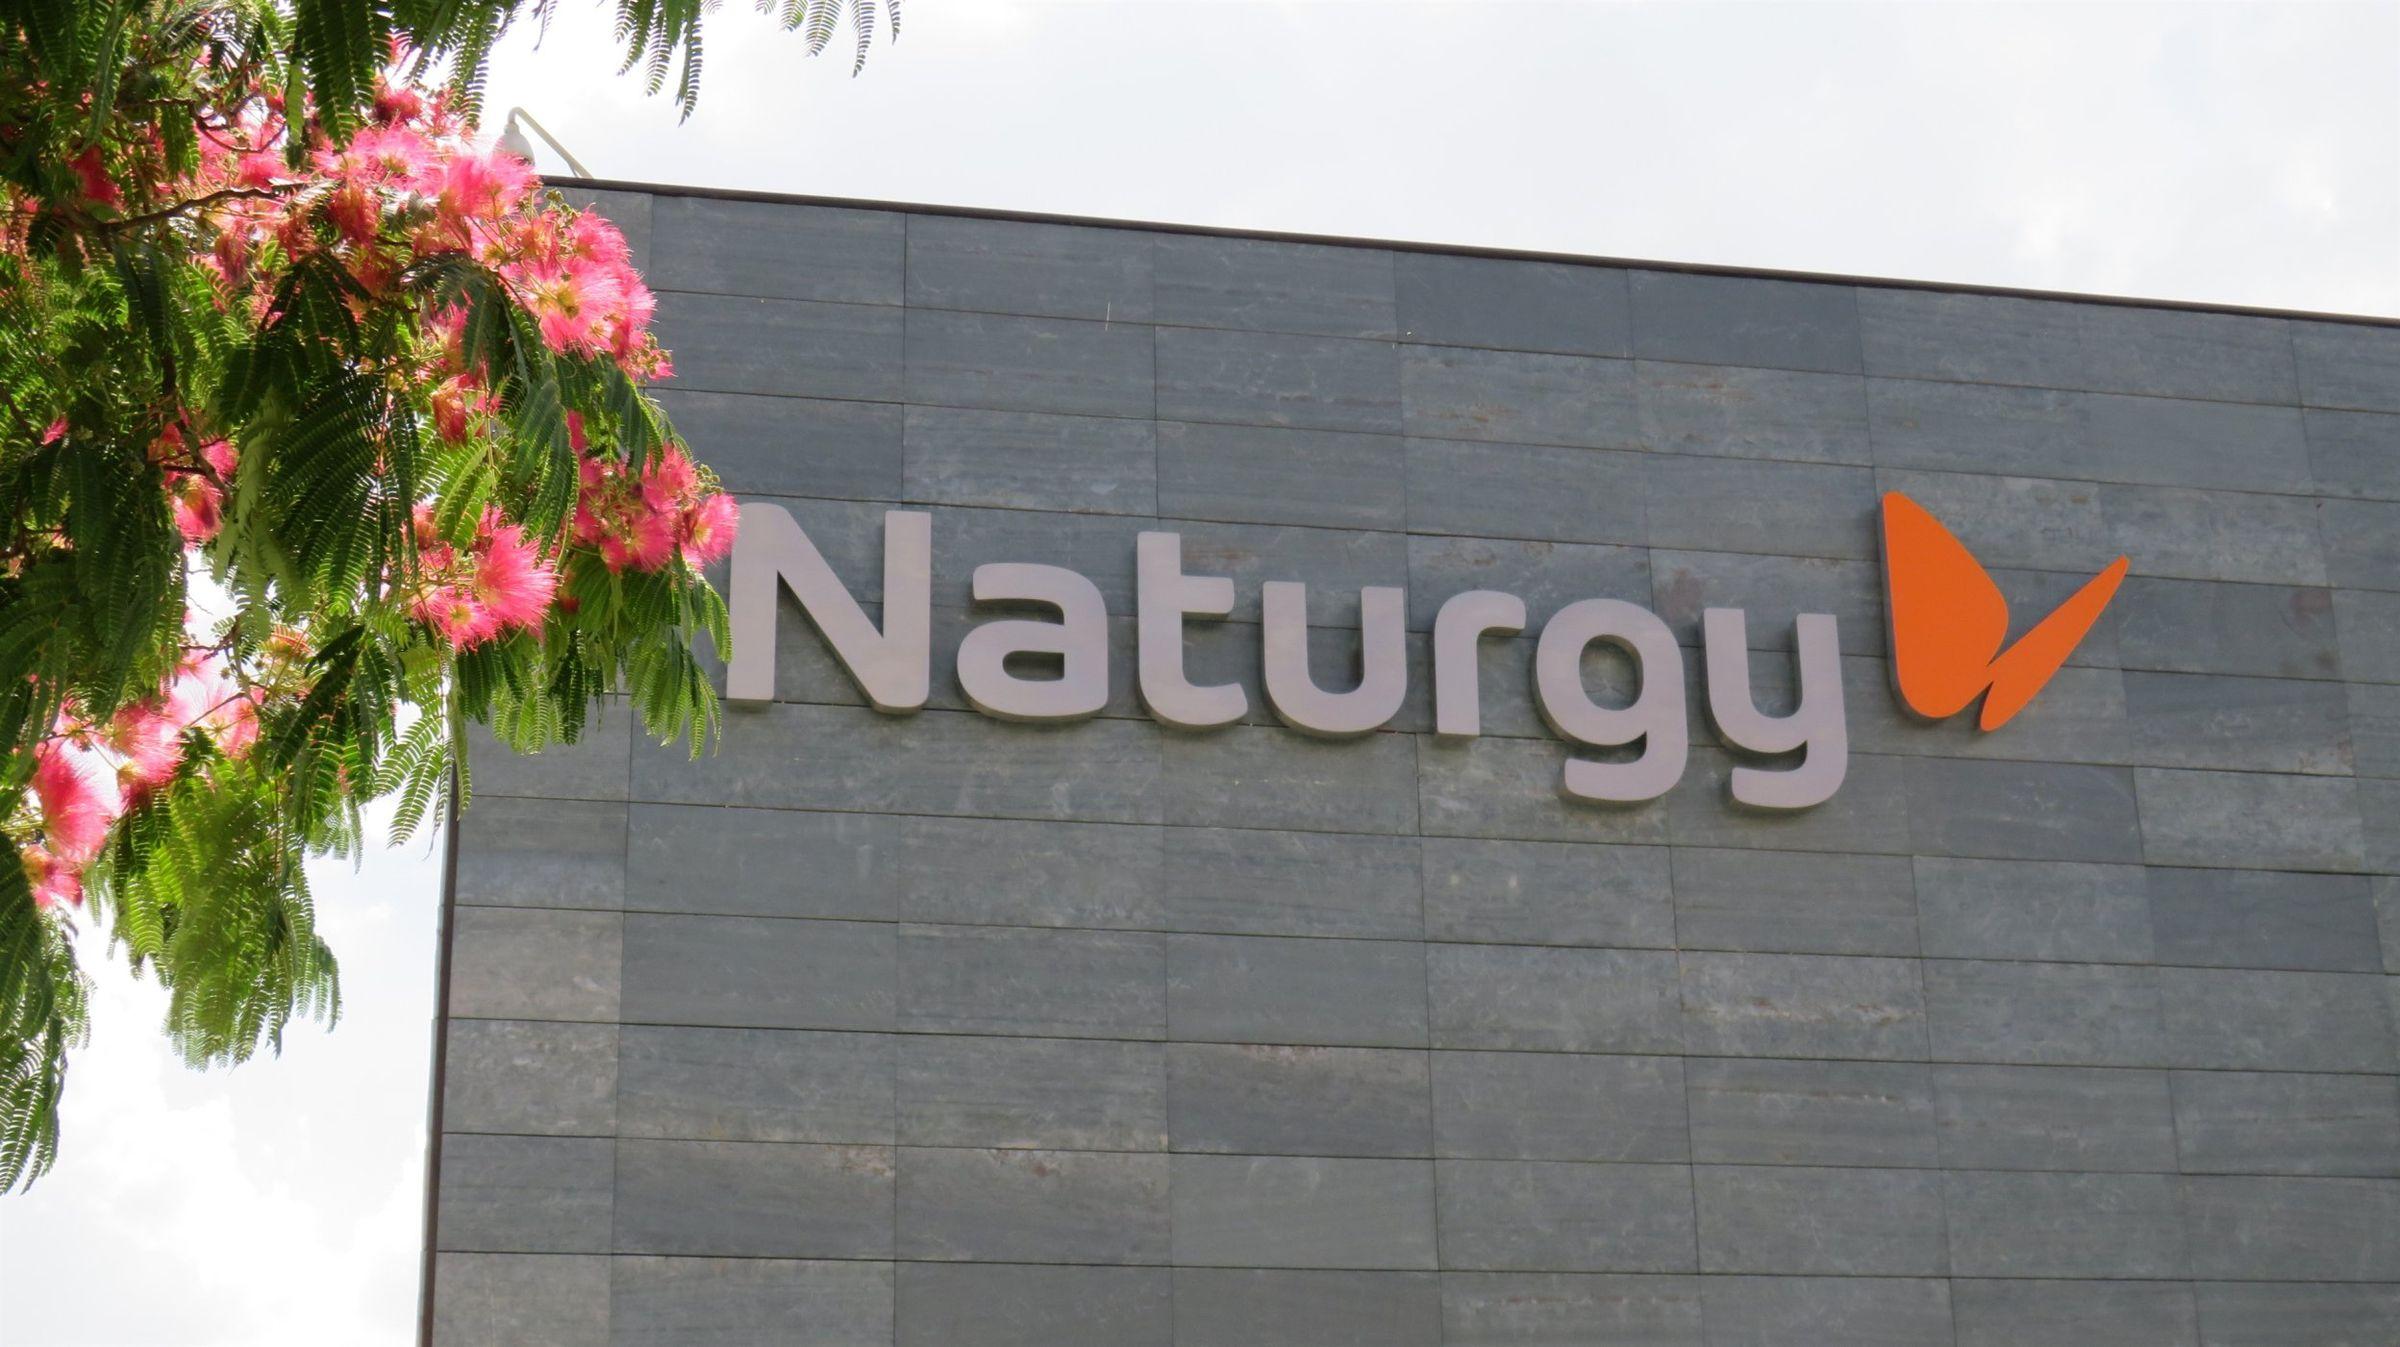 Naturgy, la antigua Gas Natural Fenosa, se mantiene como principal comercializadora de electricidad en Galicia